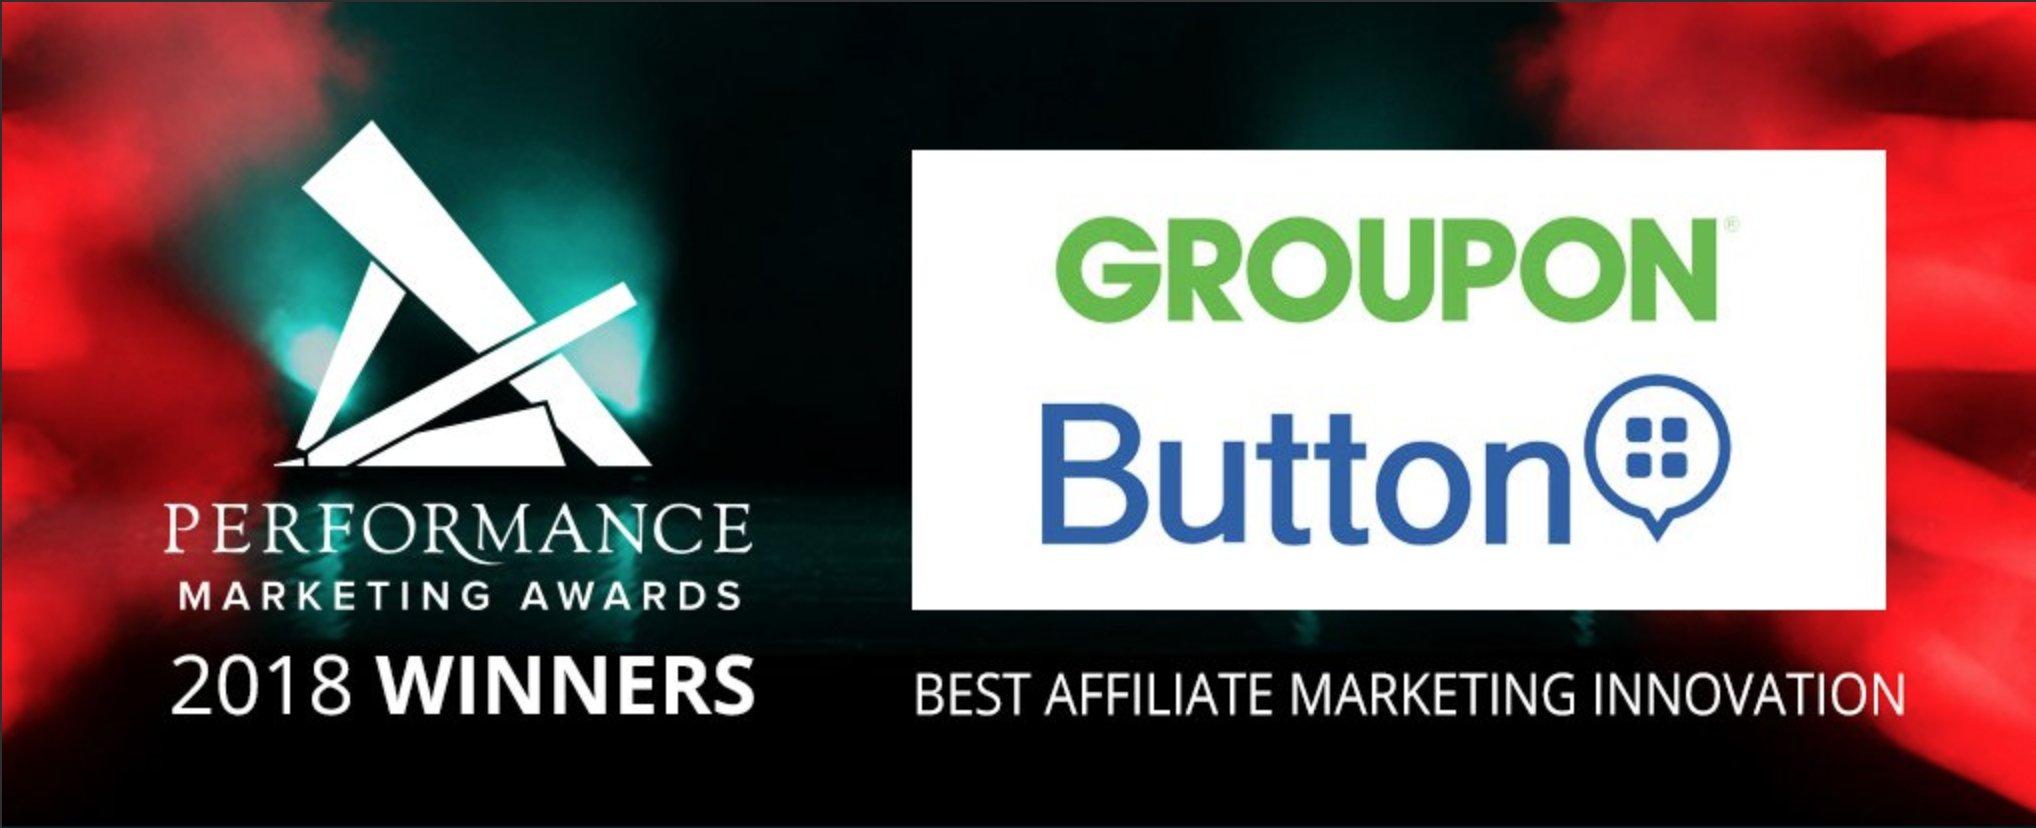 img performance-marketing-awards@2x